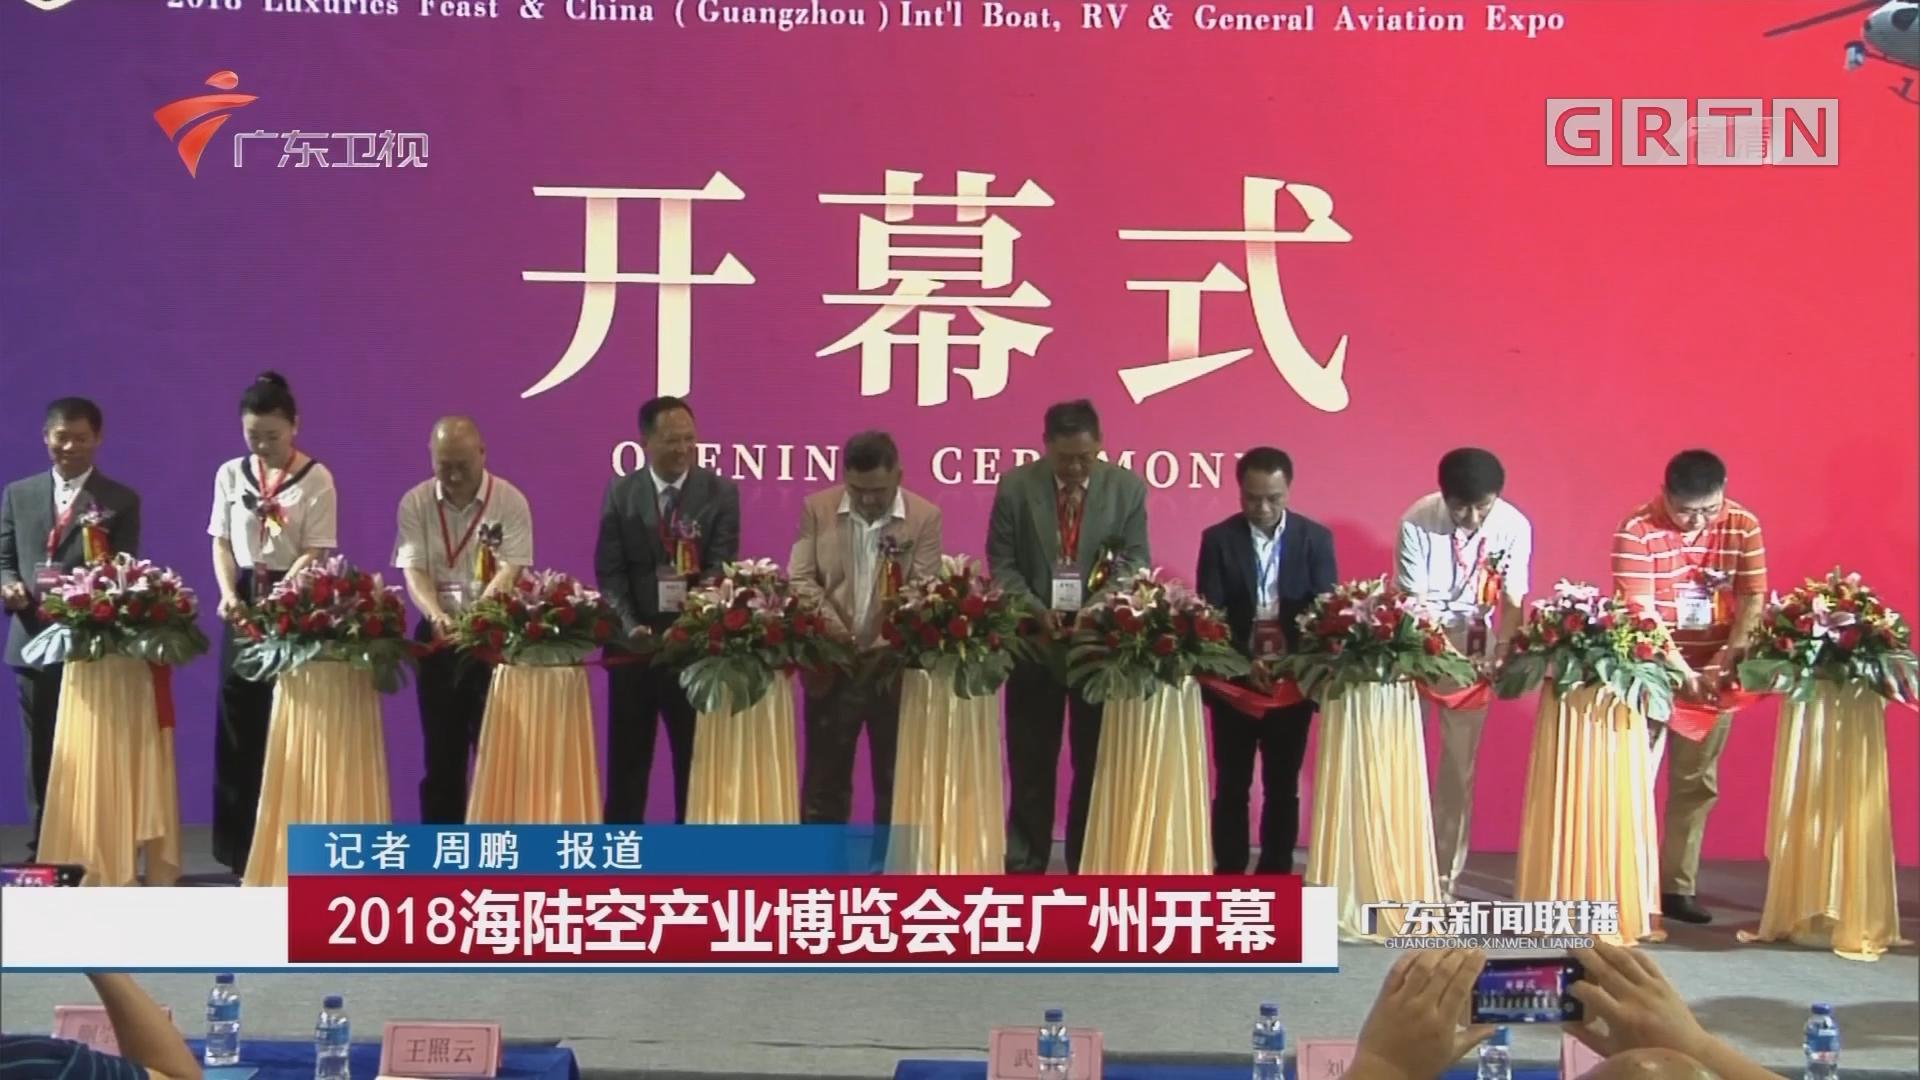 2018海陆空产业博览会在广州开幕